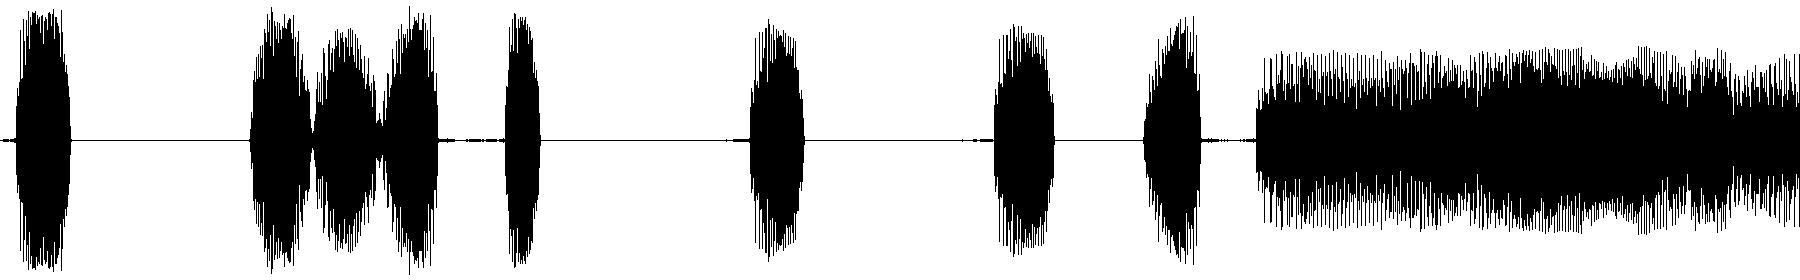 Vinyl Scratches Sample Focus